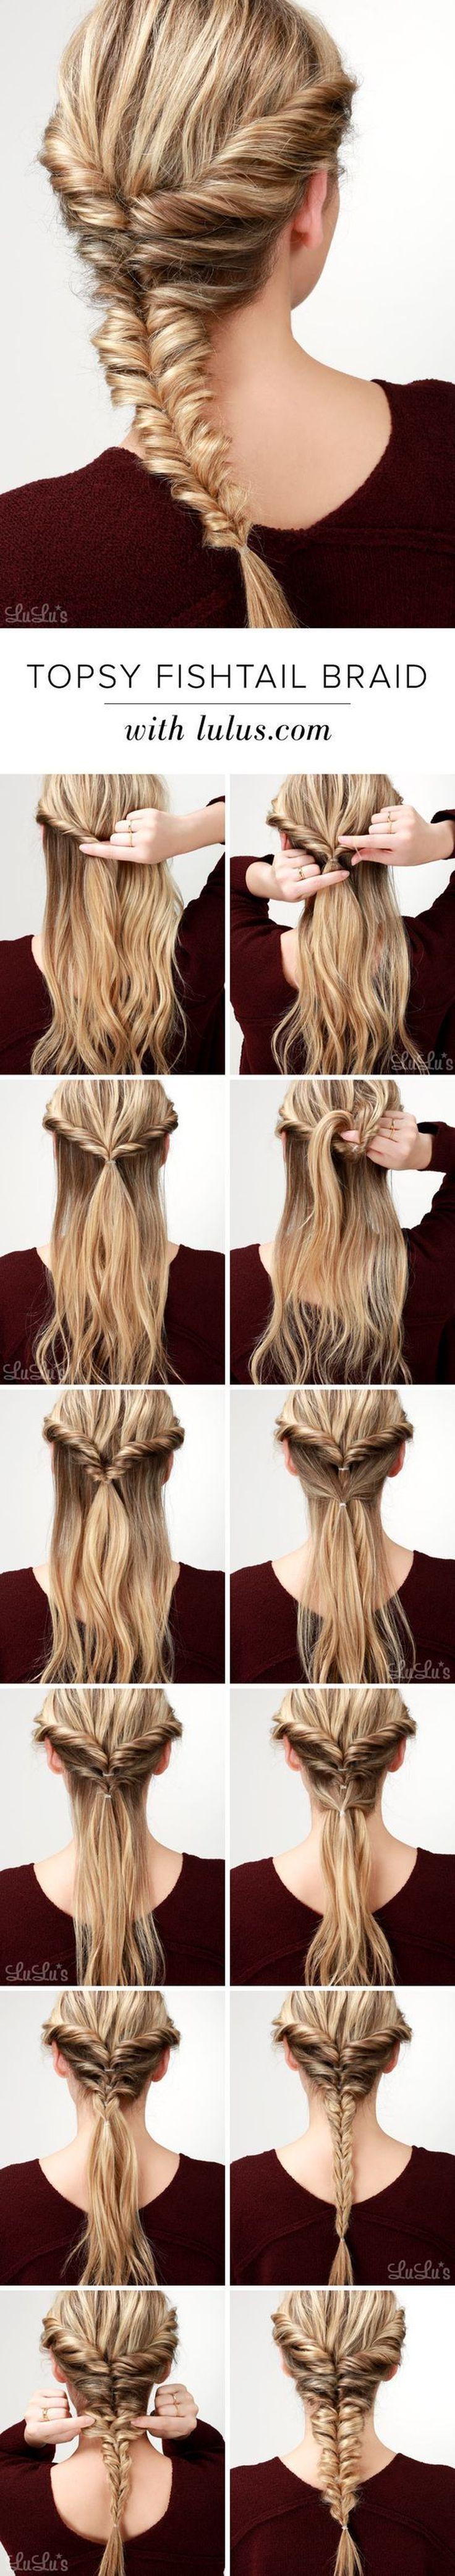 Ciekawe upięcie włosów